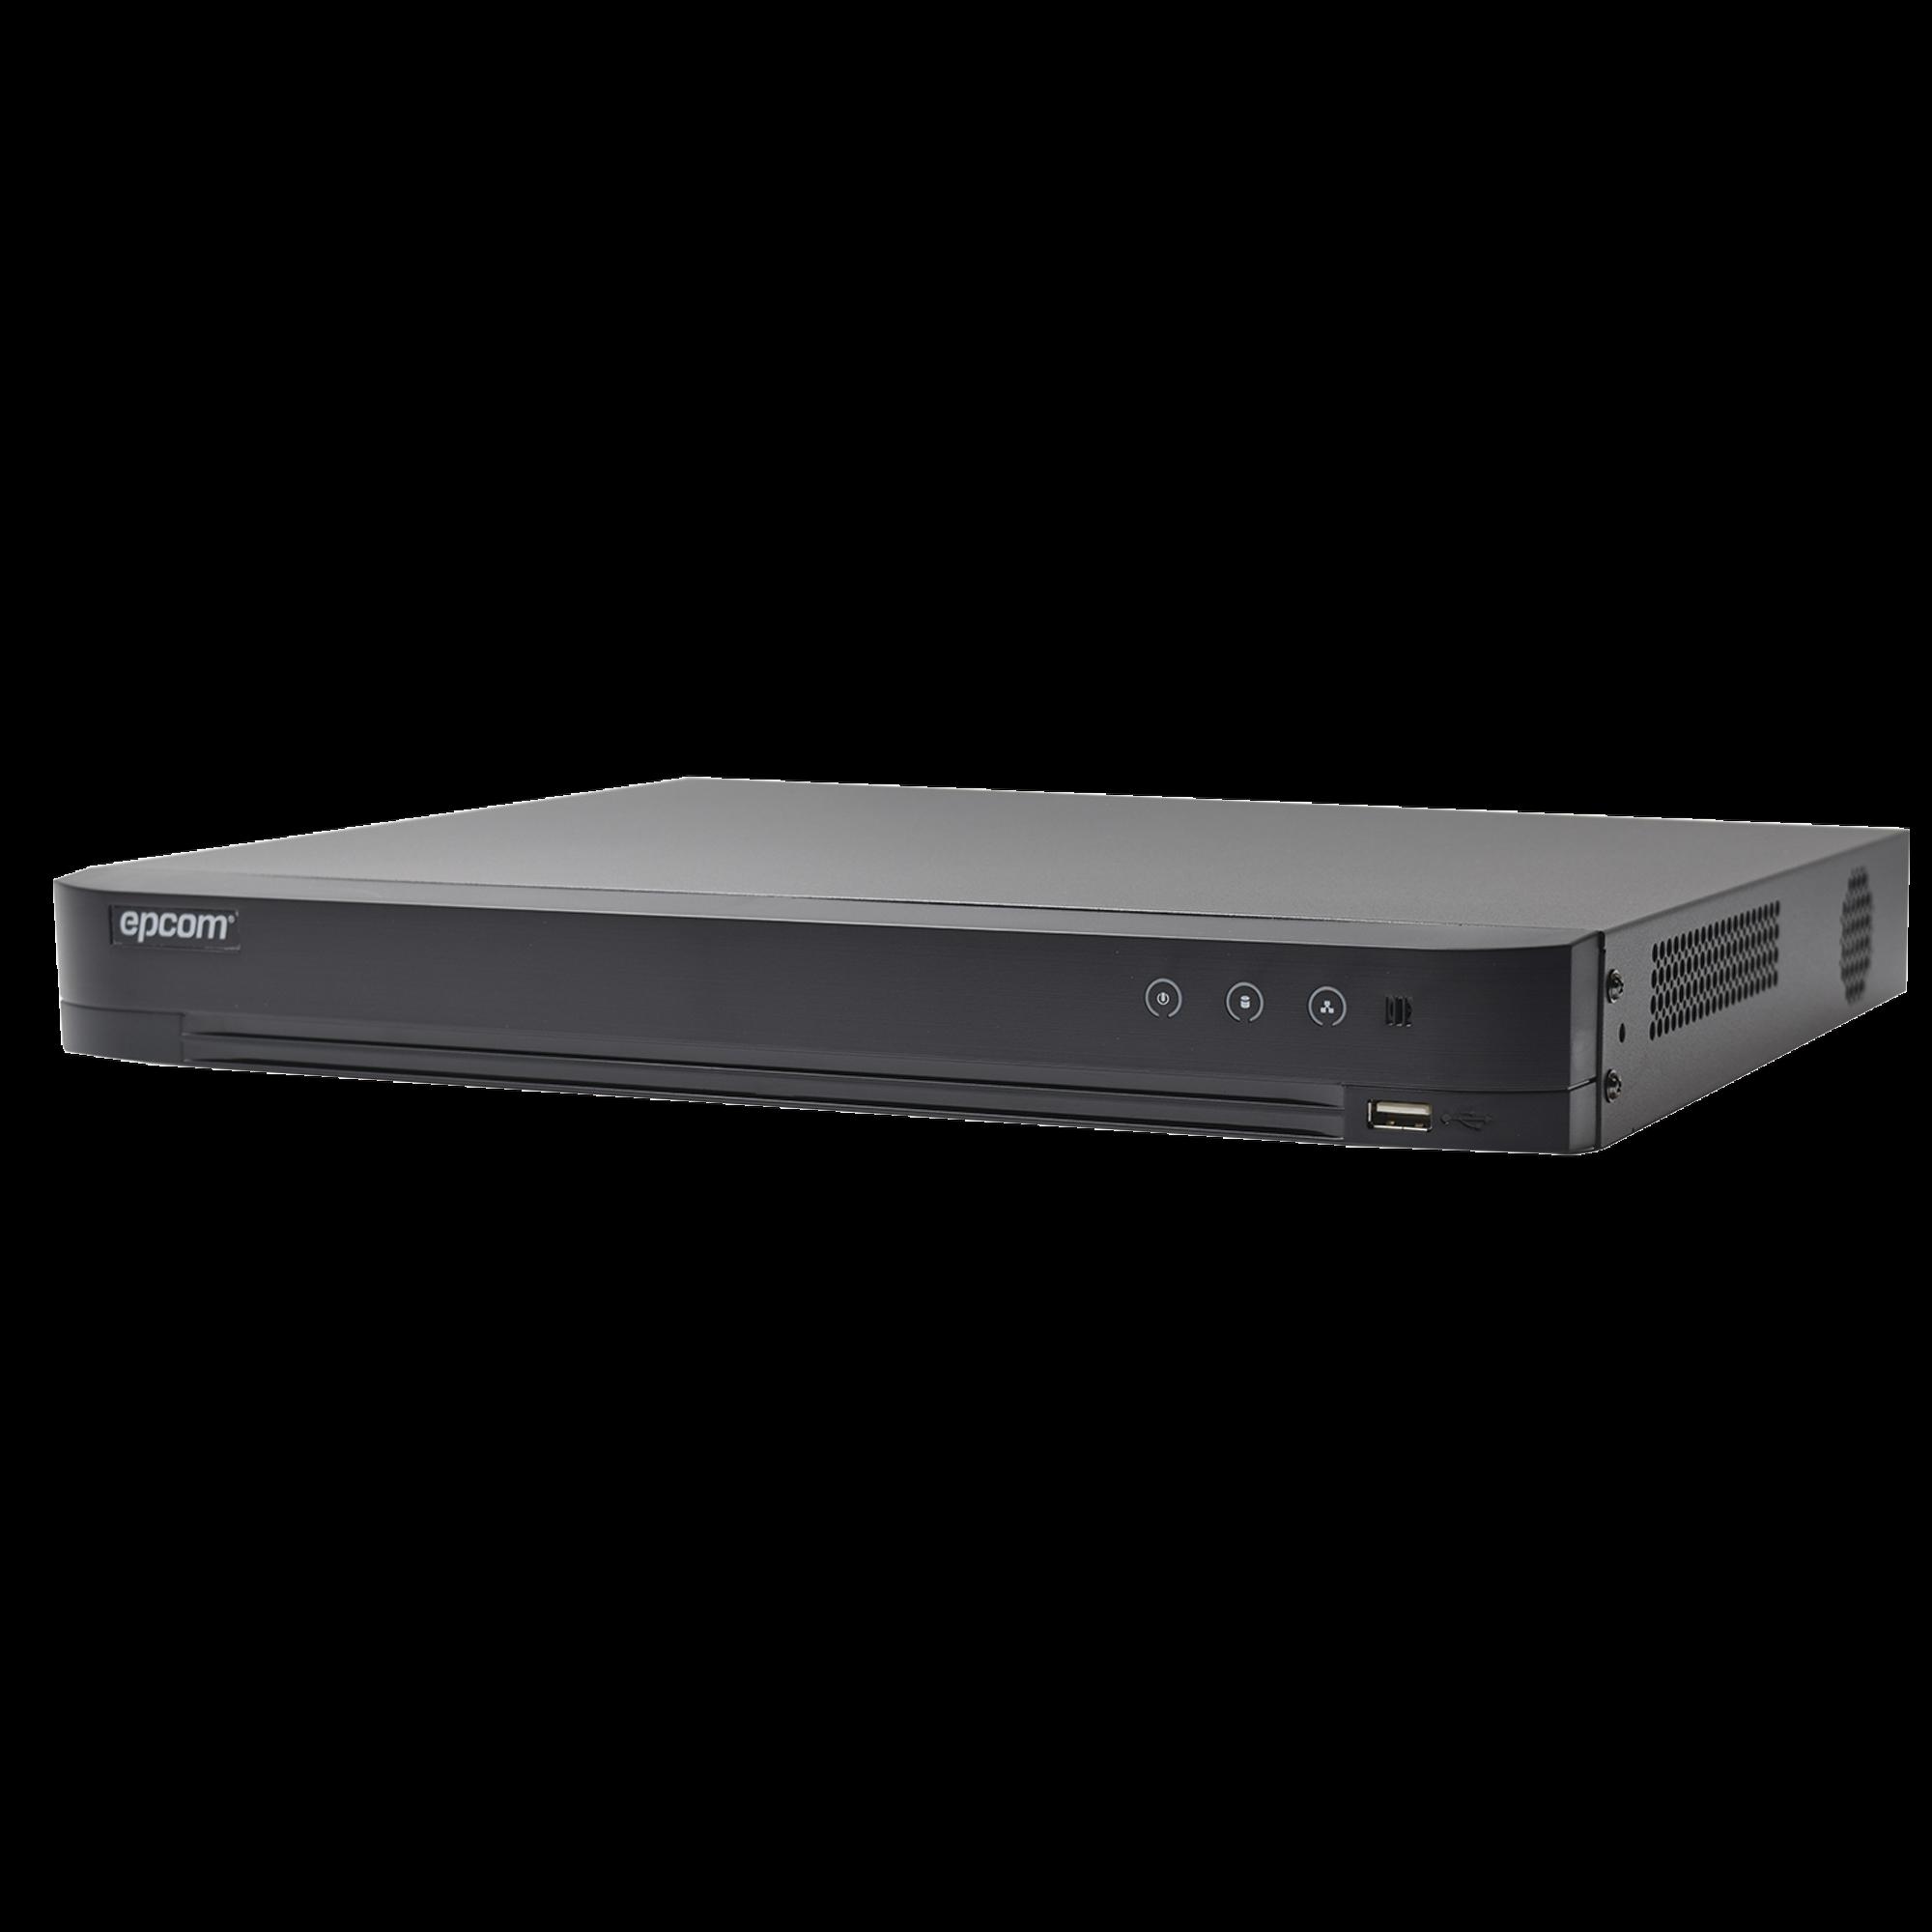 DVR 4 Megapixel / 32 Canales TURBOHD + 8 Canales IP / 2 Bahías de Disco Duro / 1 Canal de Audio